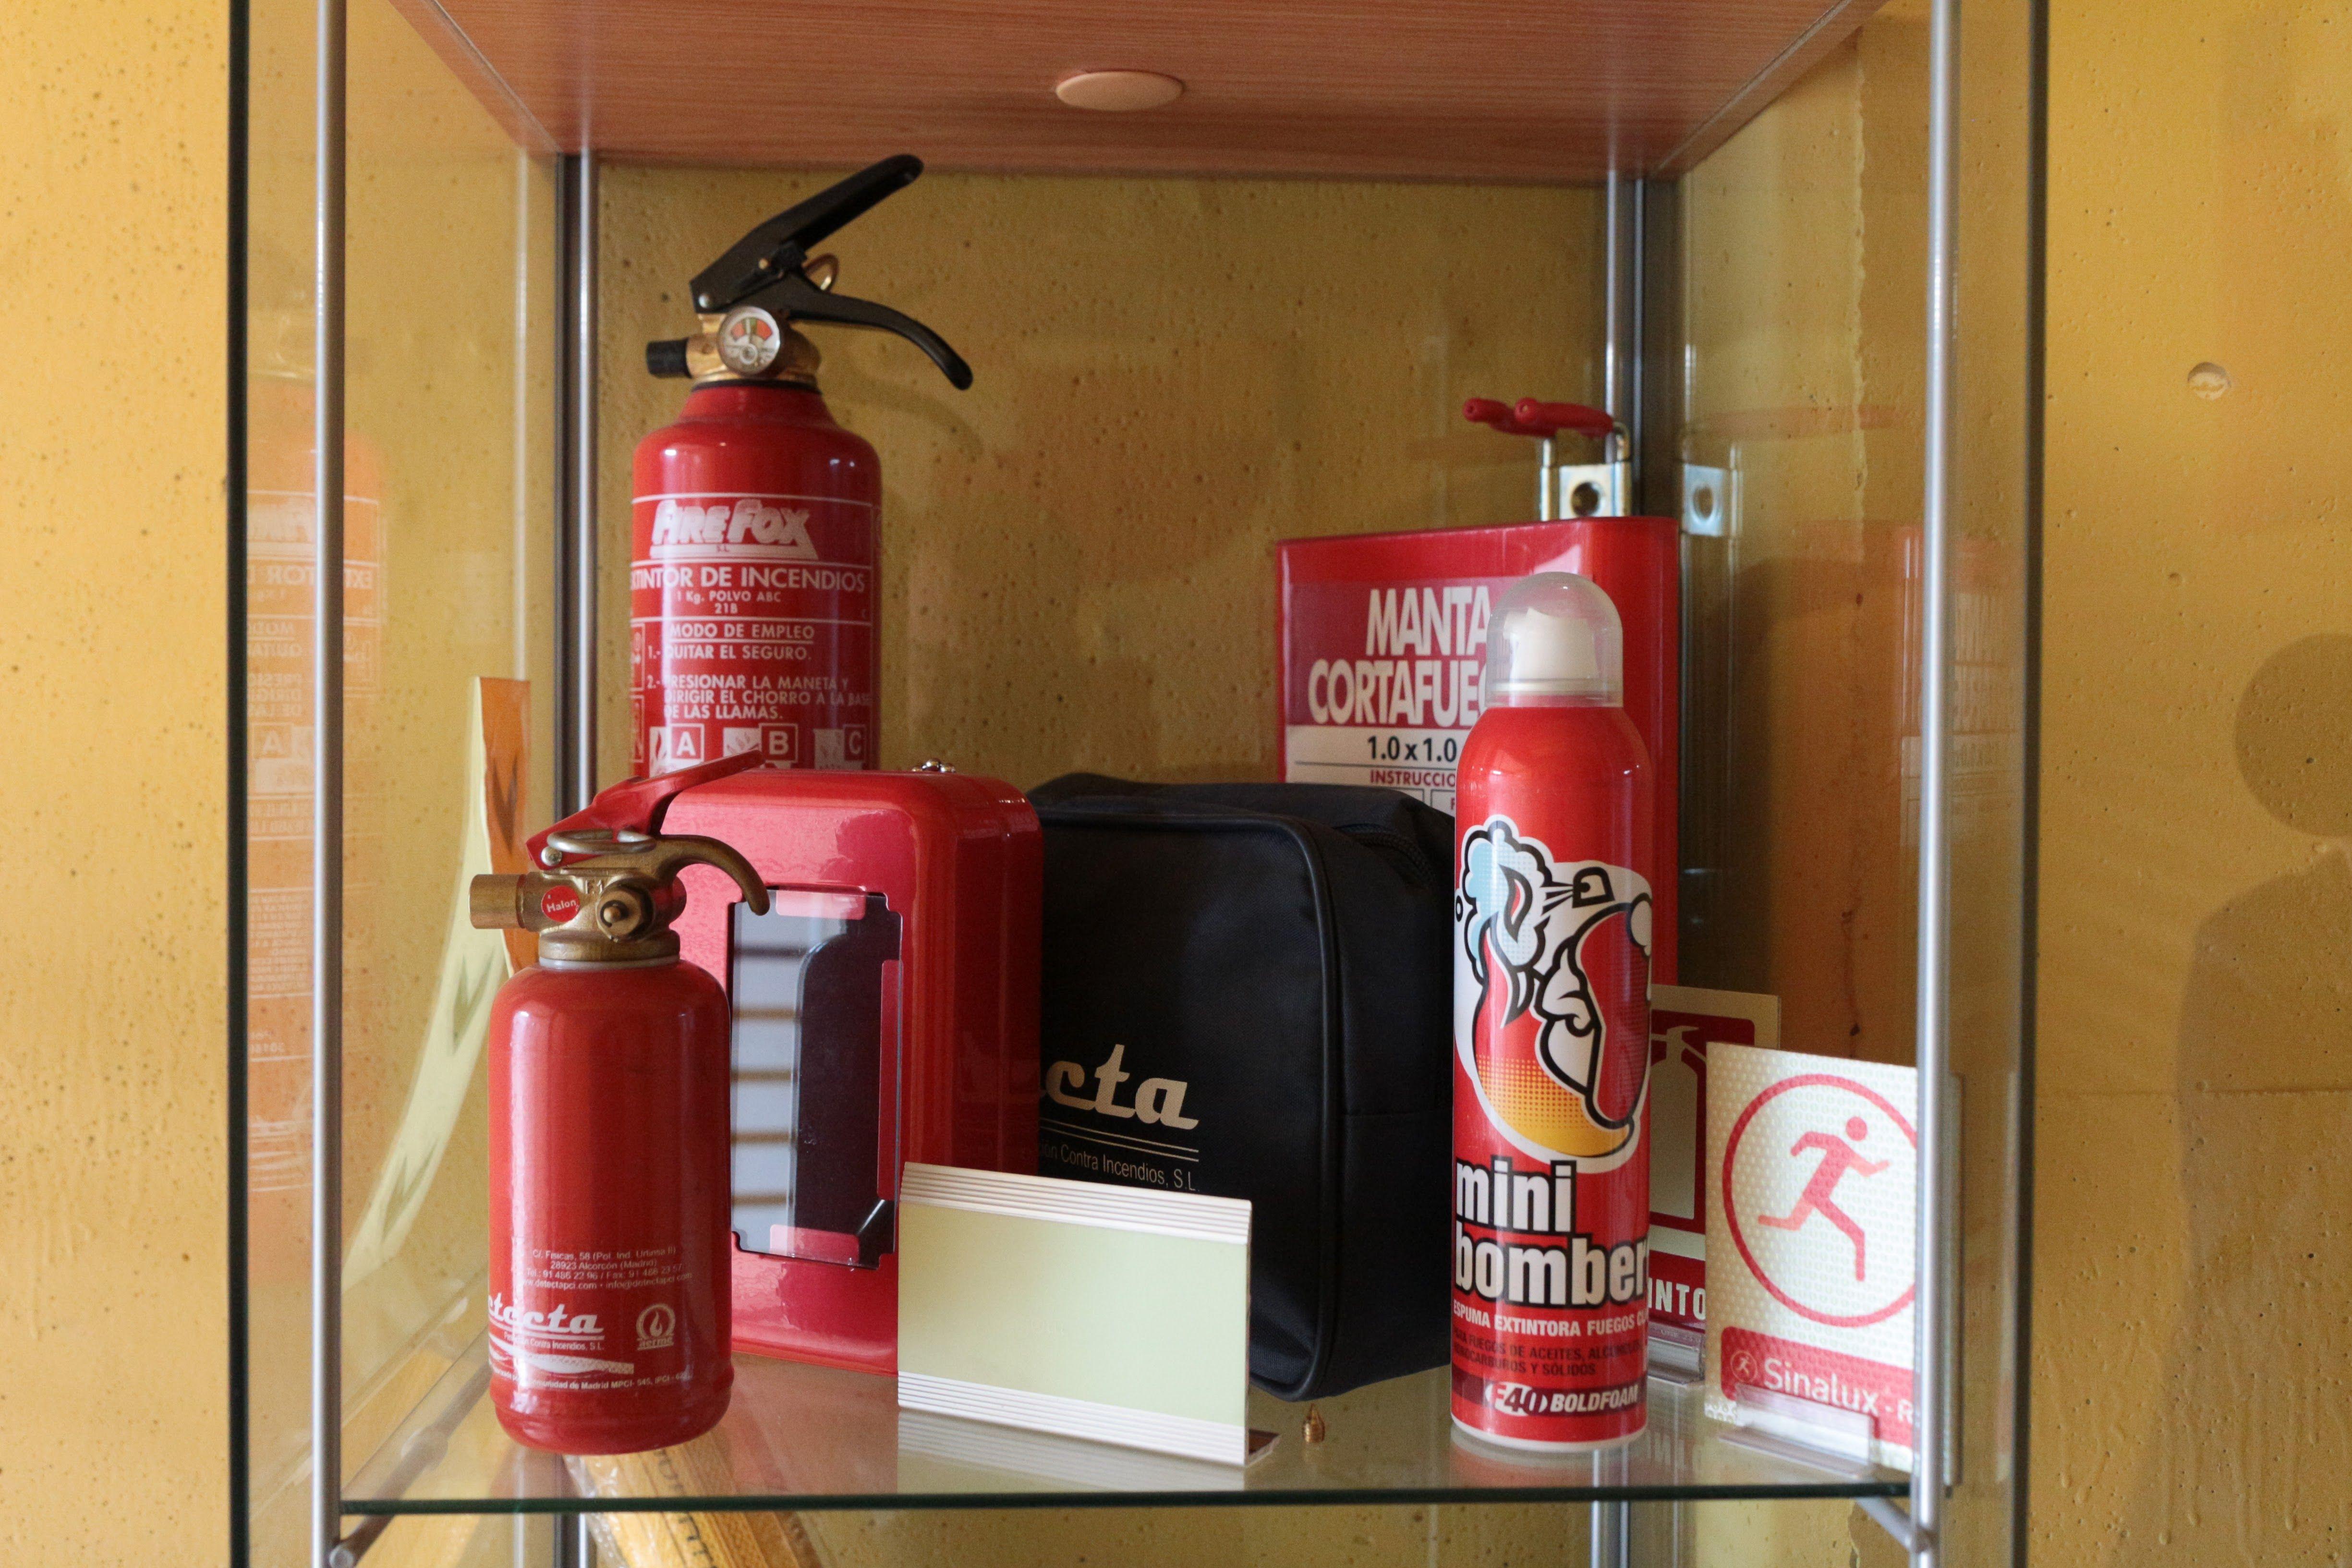 Foto 2 de Material contra incendios en Móstoles | Detecta PCI